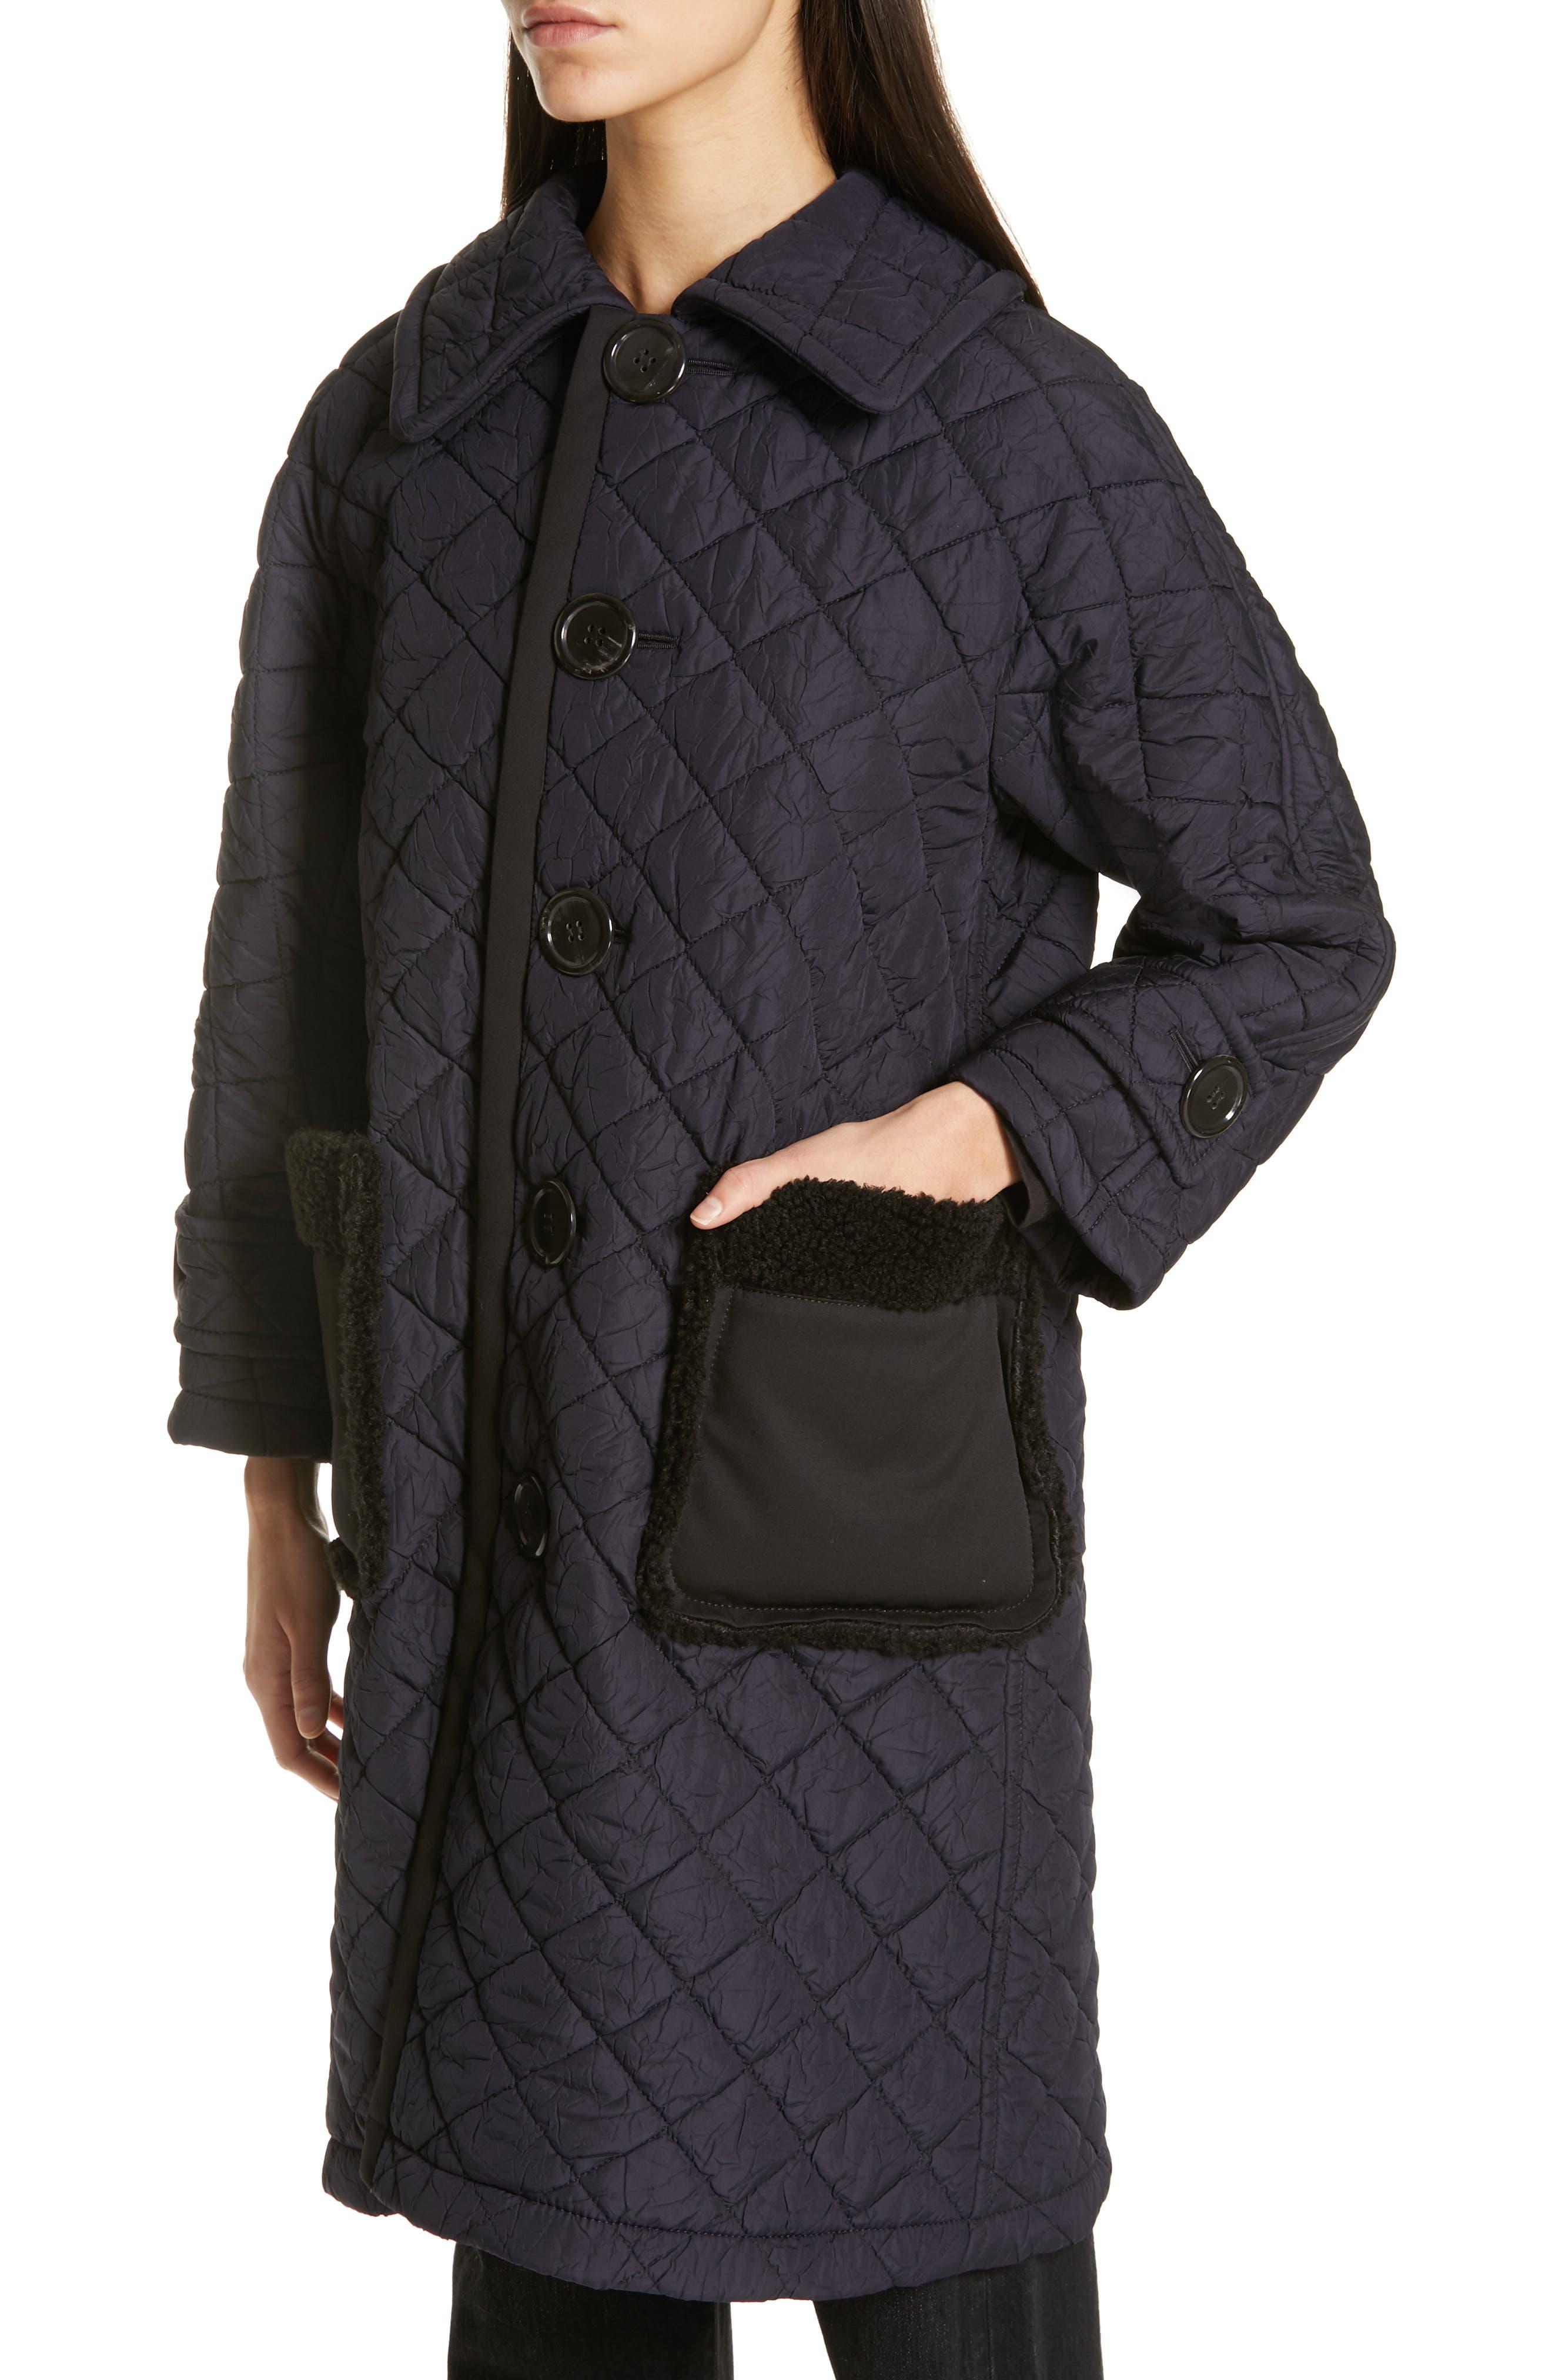 TRICOT COMME DES GARÇONS, Quilted Coat with Faux Fur Trim, Alternate thumbnail 5, color, NAVY X BLACK